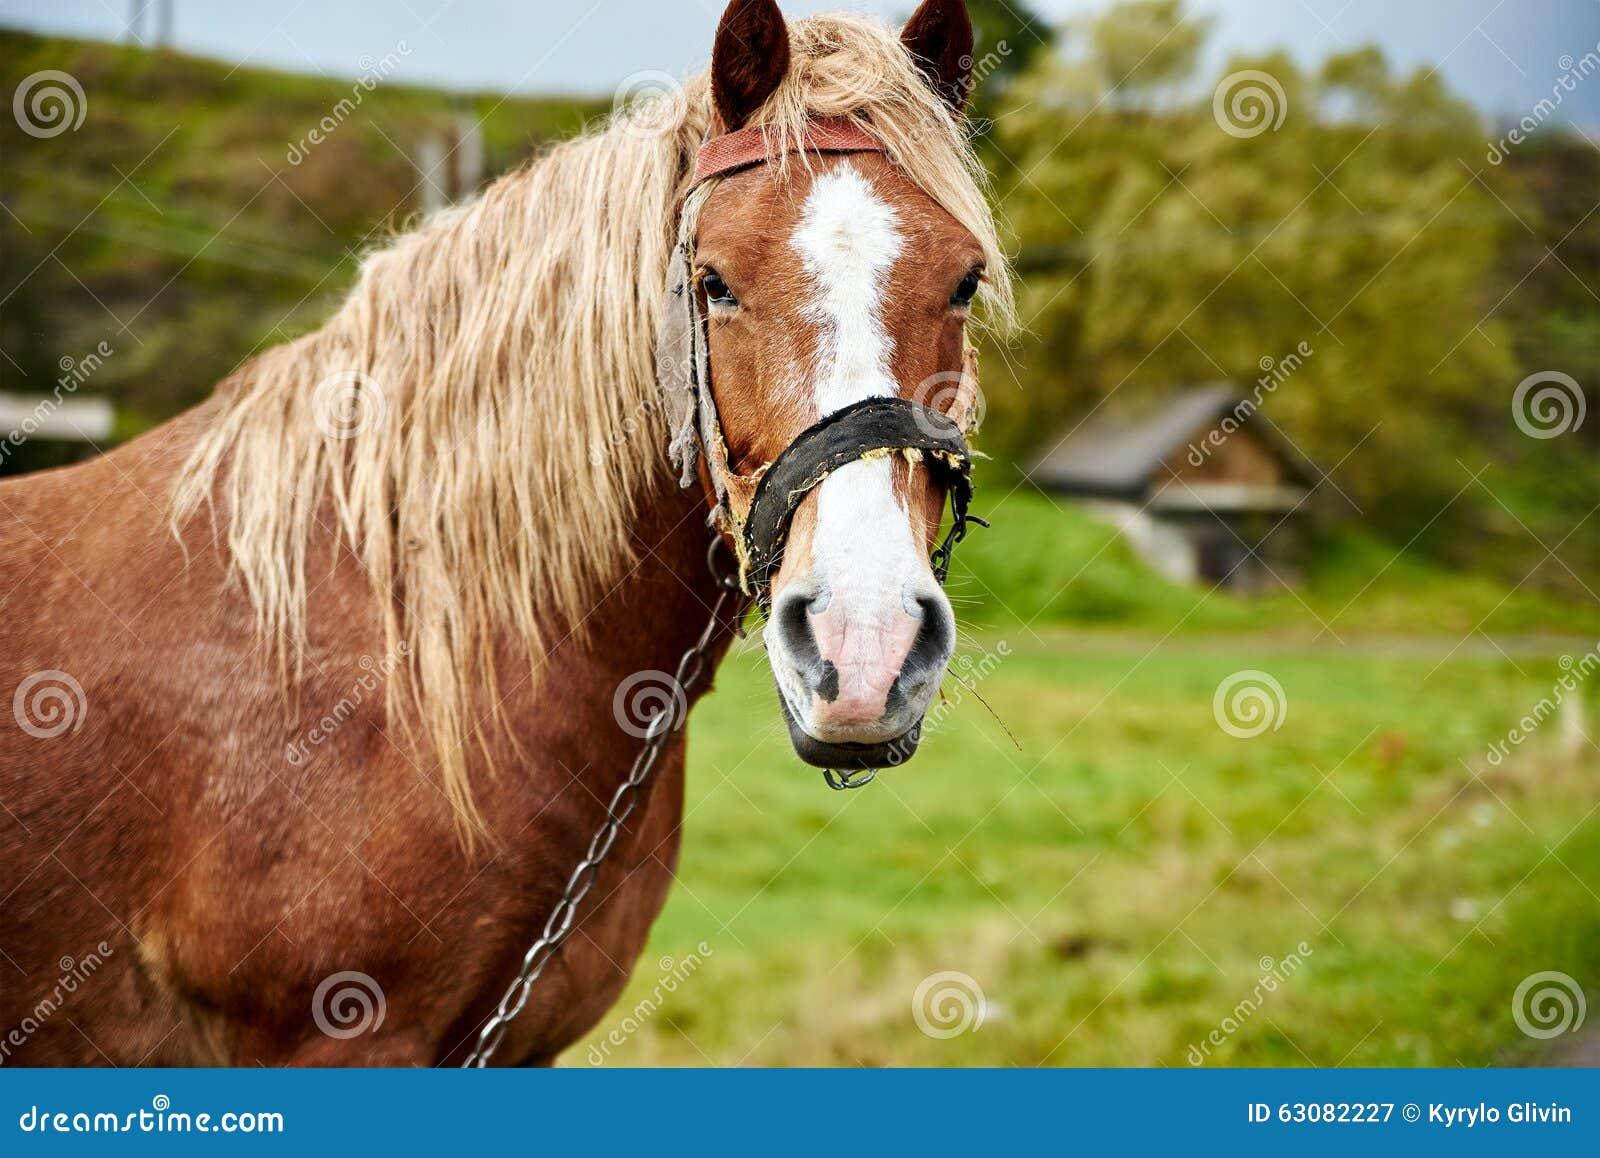 Download Cheval Avec La Belle Crinière Image stock - Image du animal, émotion: 63082227